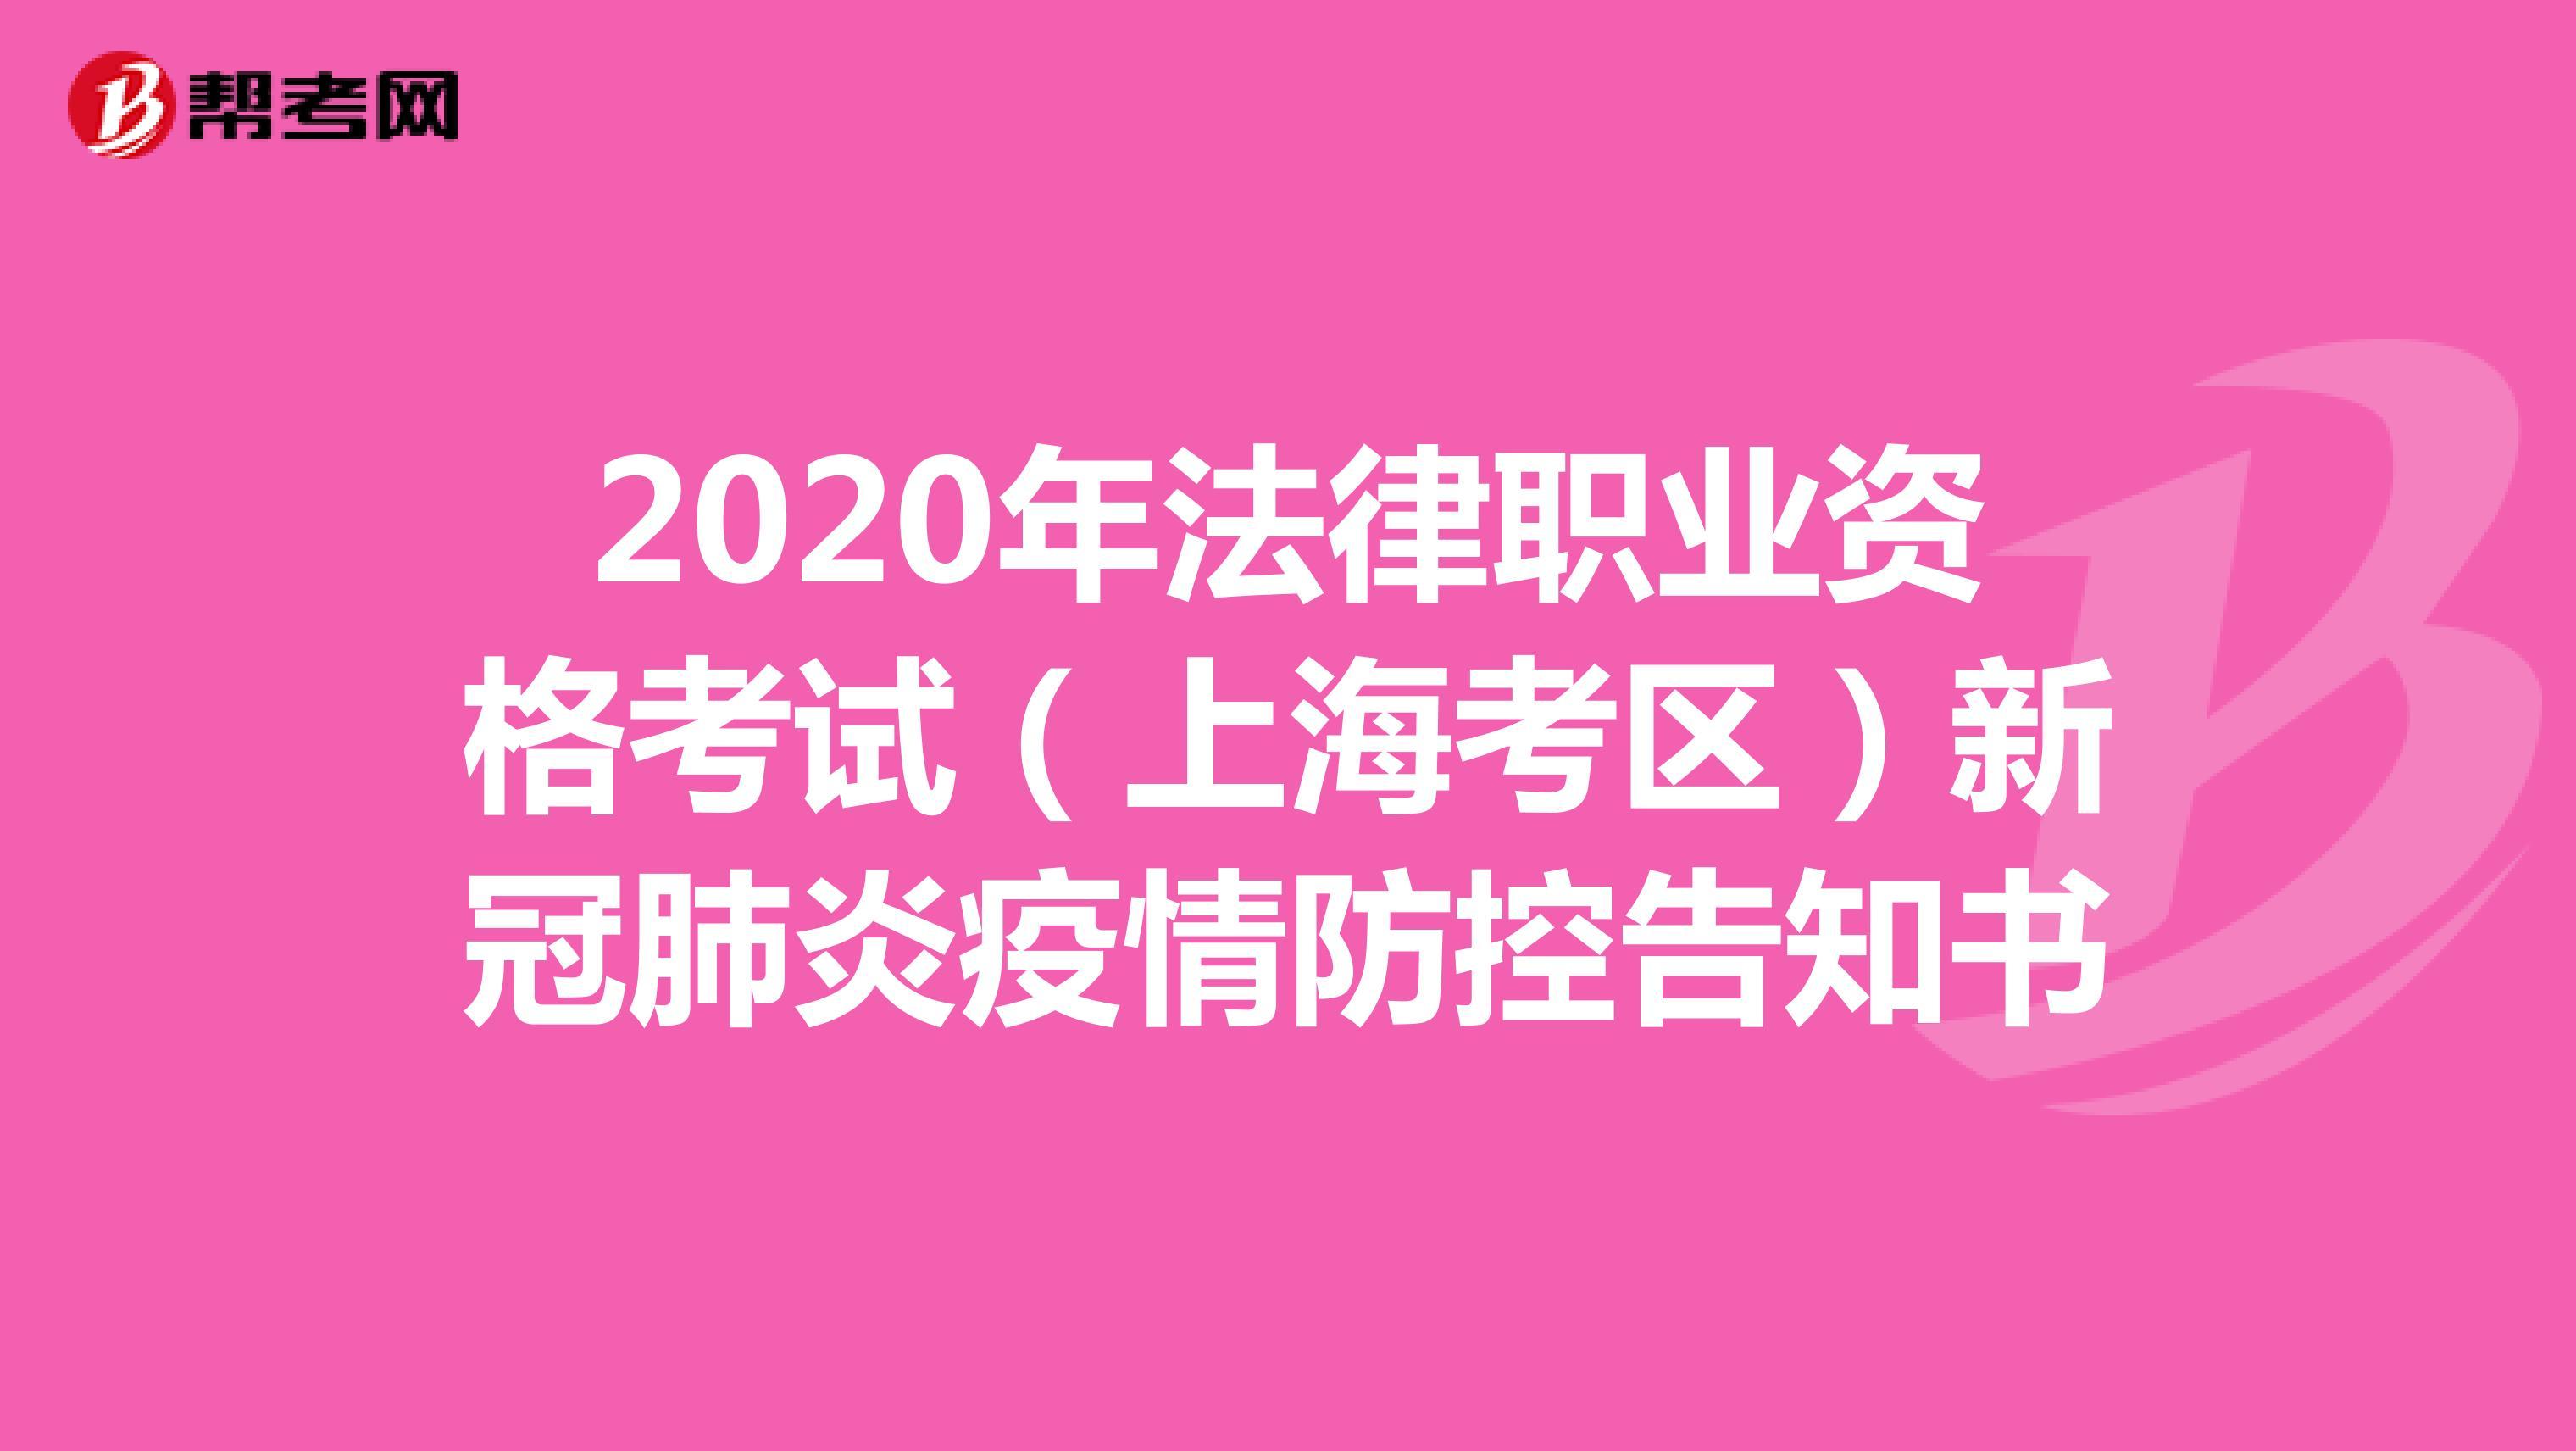 2020年法律职业资格考试(上海考区)新冠肺炎疫情防控告知书